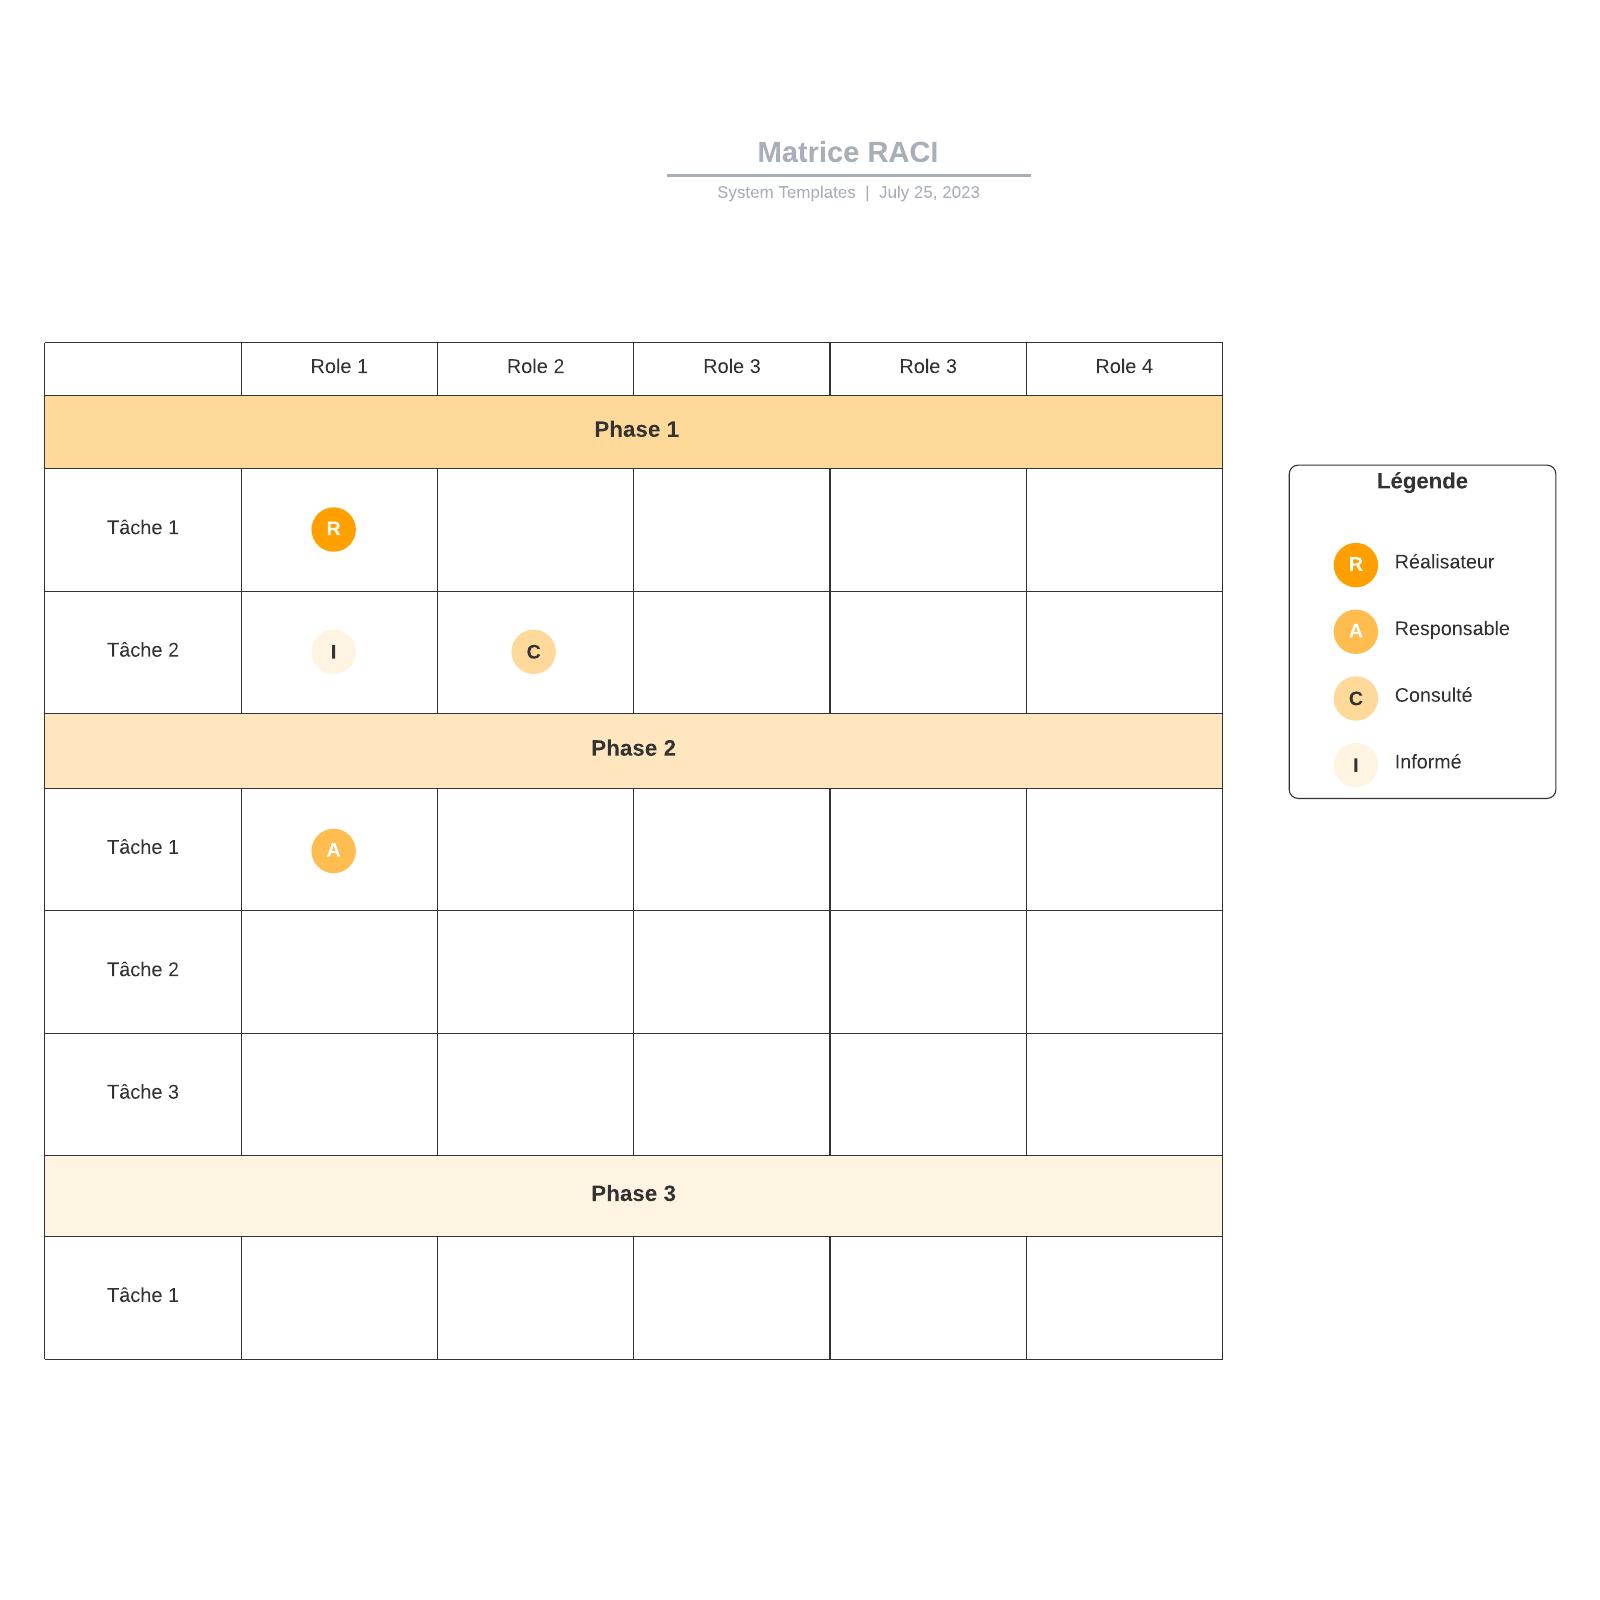 exemple de matrice RACI vierge